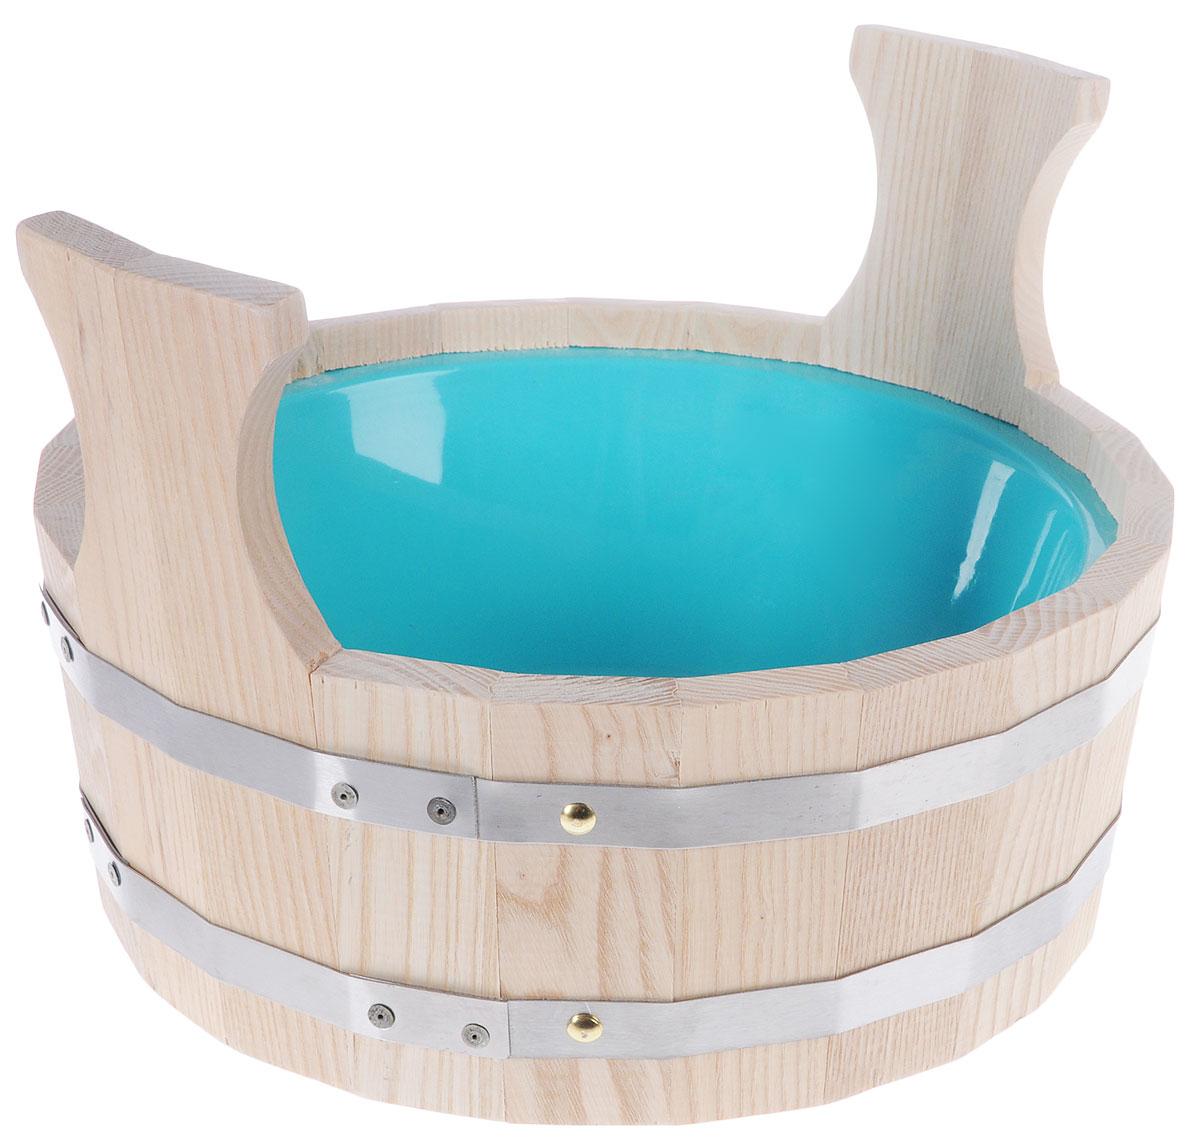 Шайка для бани Невский банщик, с пластиковым вкладышем, цвет: бежевый, бирюзовый, 4,5 лБ1042_бежевый, бирюзовыйШайка для бани Невский банщик круглой формы, выполненная из липы, прекрасно подойдет для замачивания веника или других банных процедур. Внутри шайки располагается пластиковая вкладка. Шайка является одной из тех приятных мелочей, без которых не обойтись при принятии банных процедур. Аксессуары для бани и сауны - это те приятные мелочи, которые приносят радость и создают комфорт. Диаметр шайки по верхнему краю: 34 см. Высота шайки (с учетом ручек): 23,5 см.